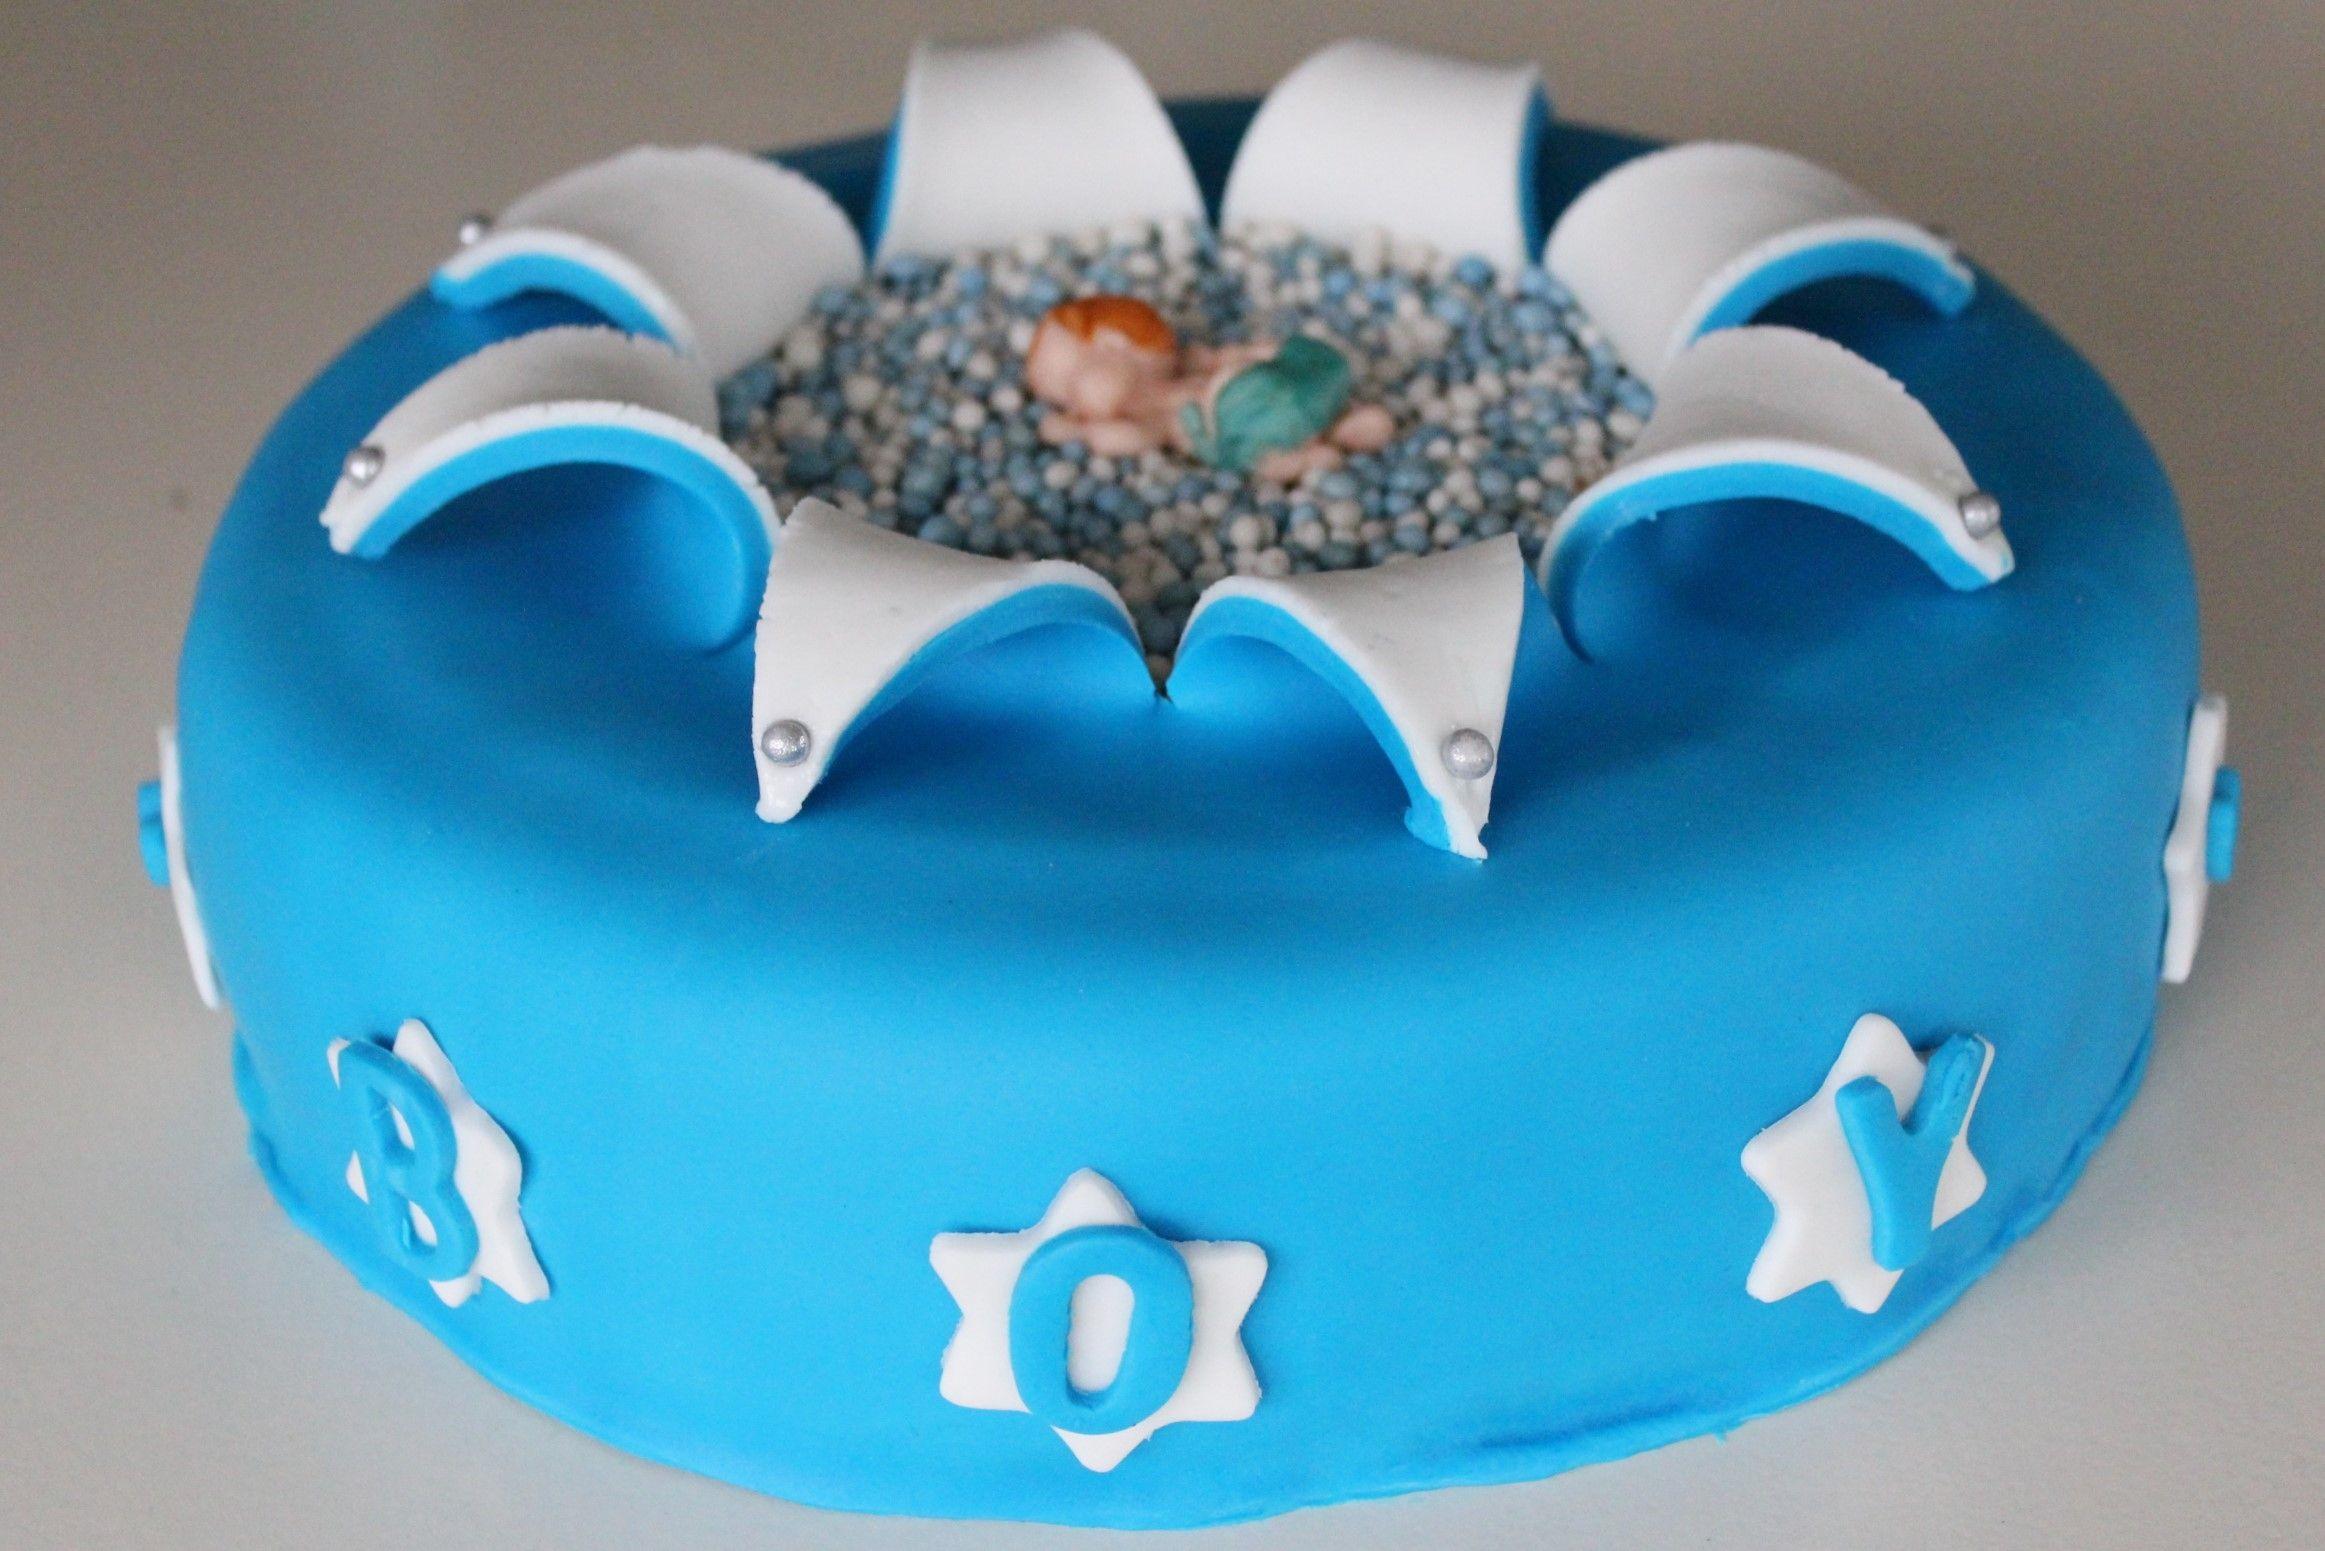 taart babyshower Open Taart Babyshower | Geweldig | Pinterest | Babyshower taart babyshower